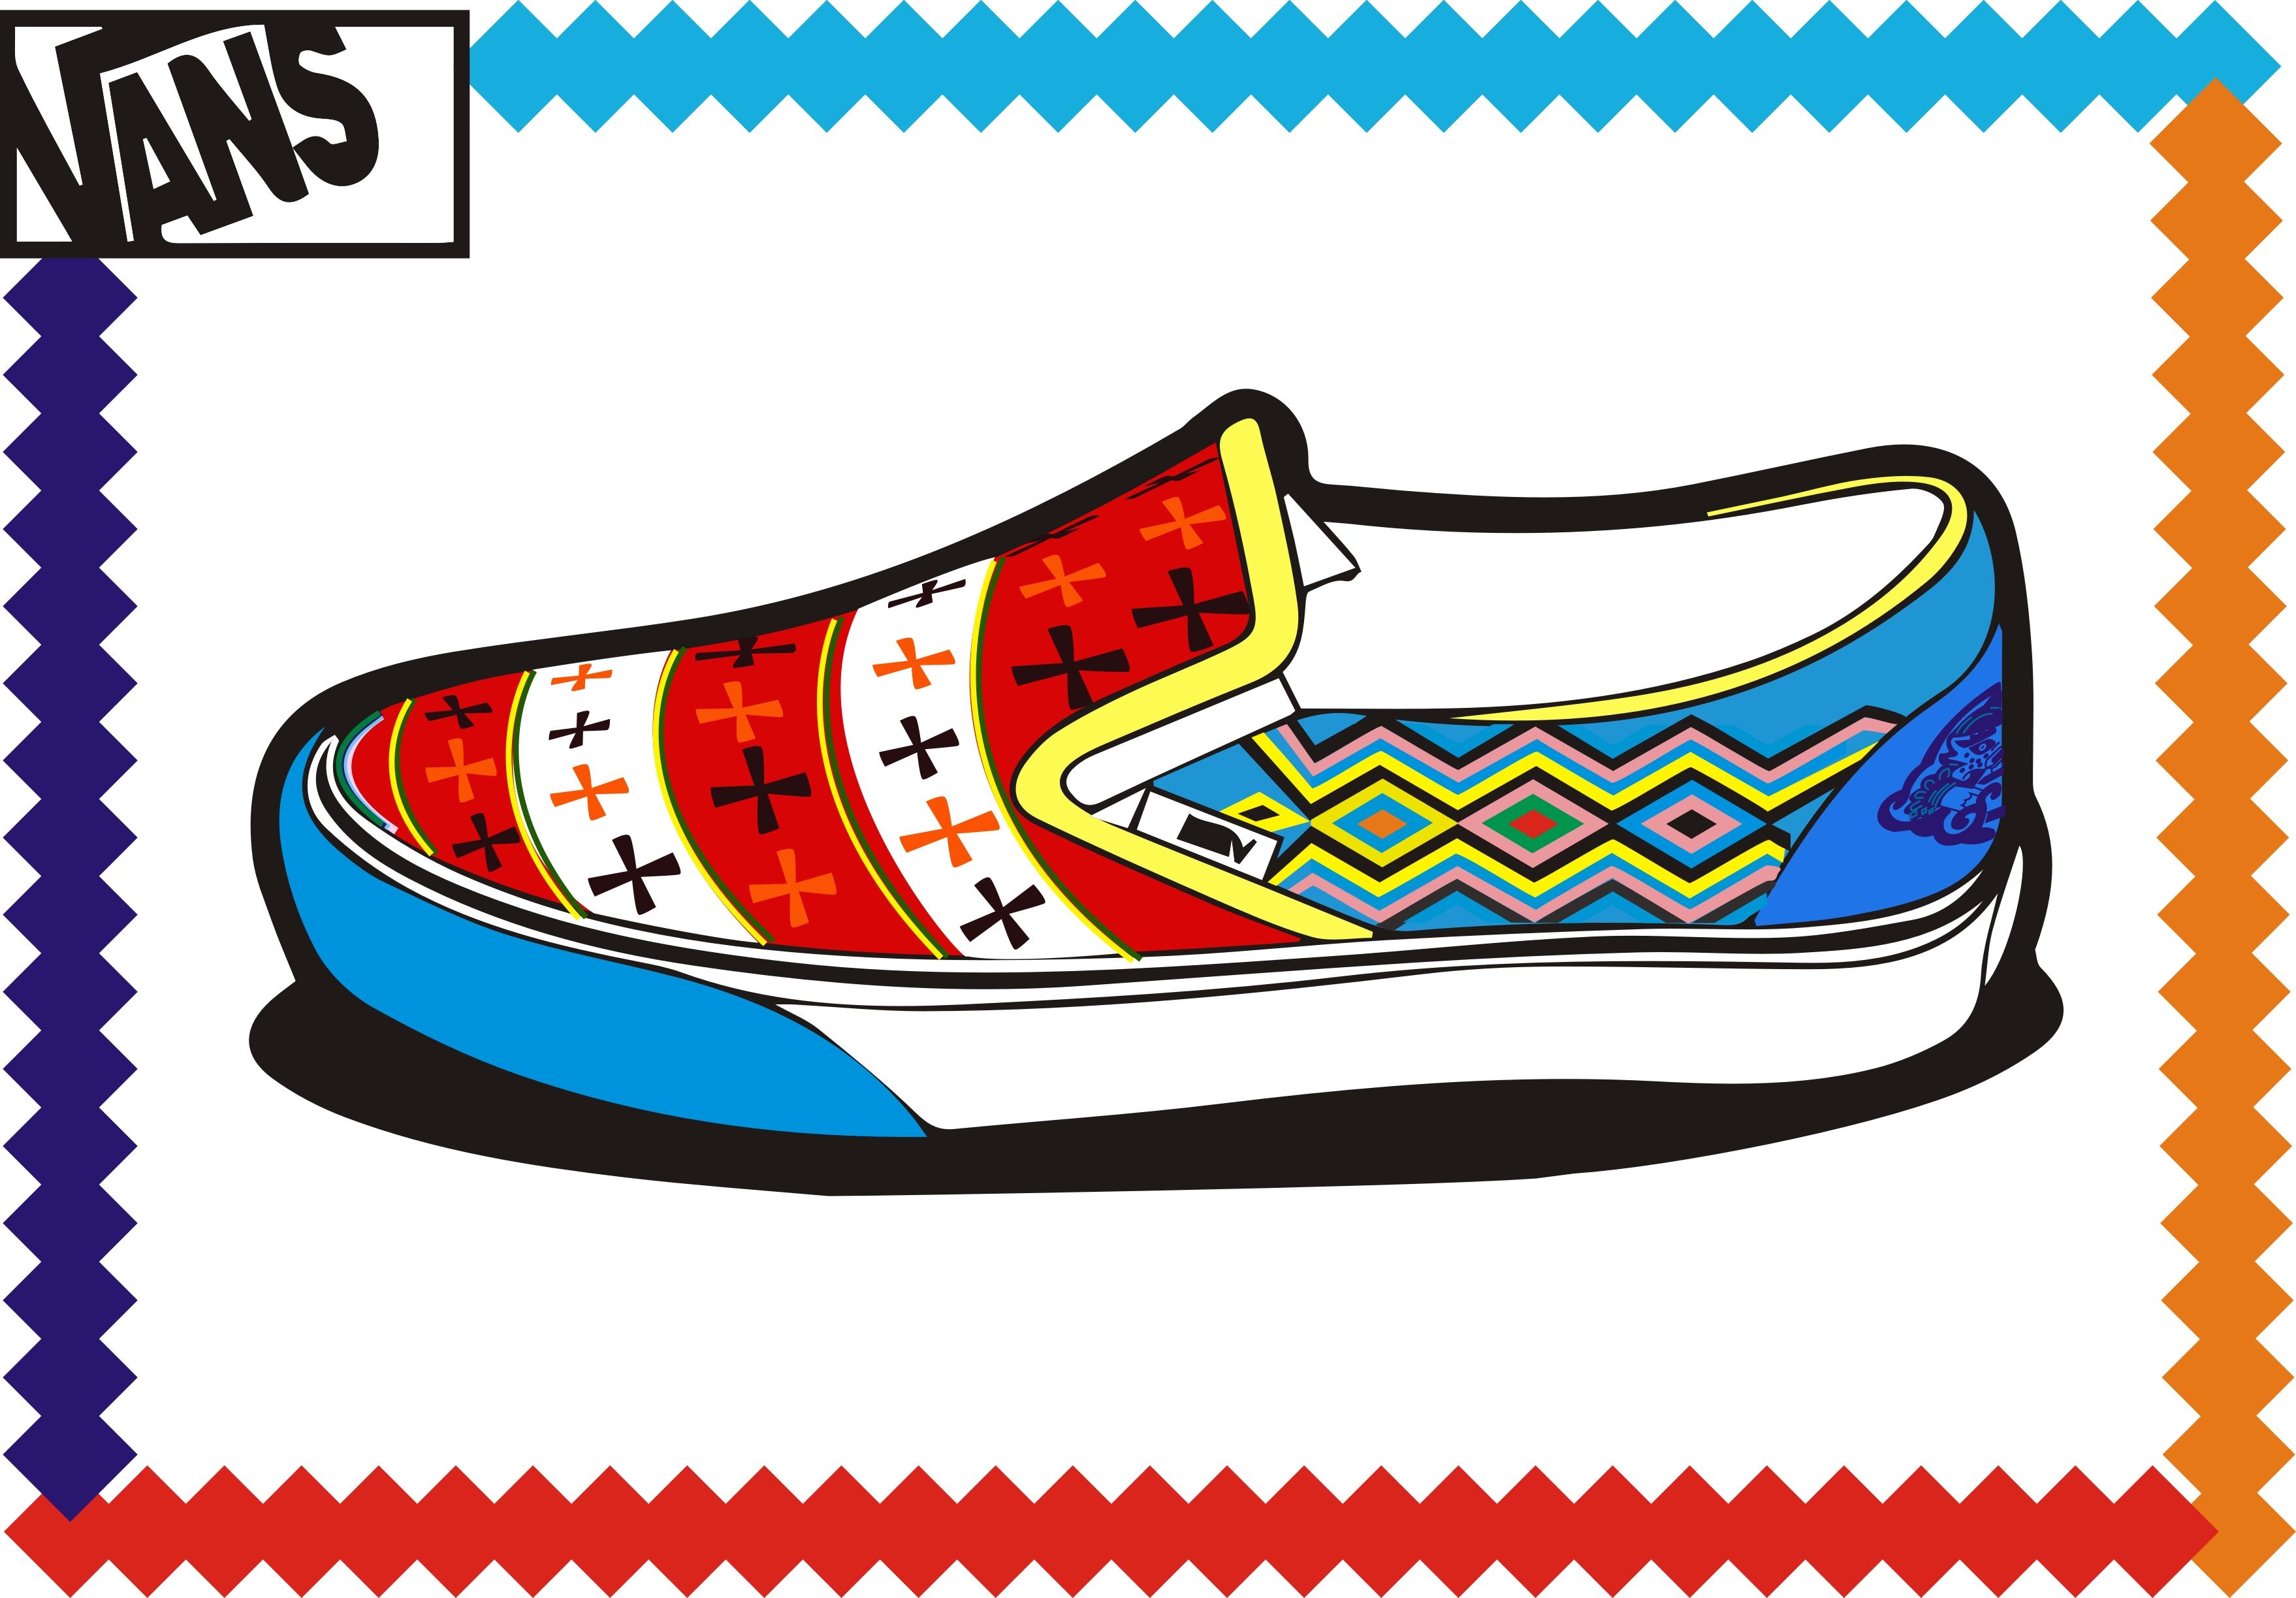 以藏族特色图案为题材设计的一款nans鞋